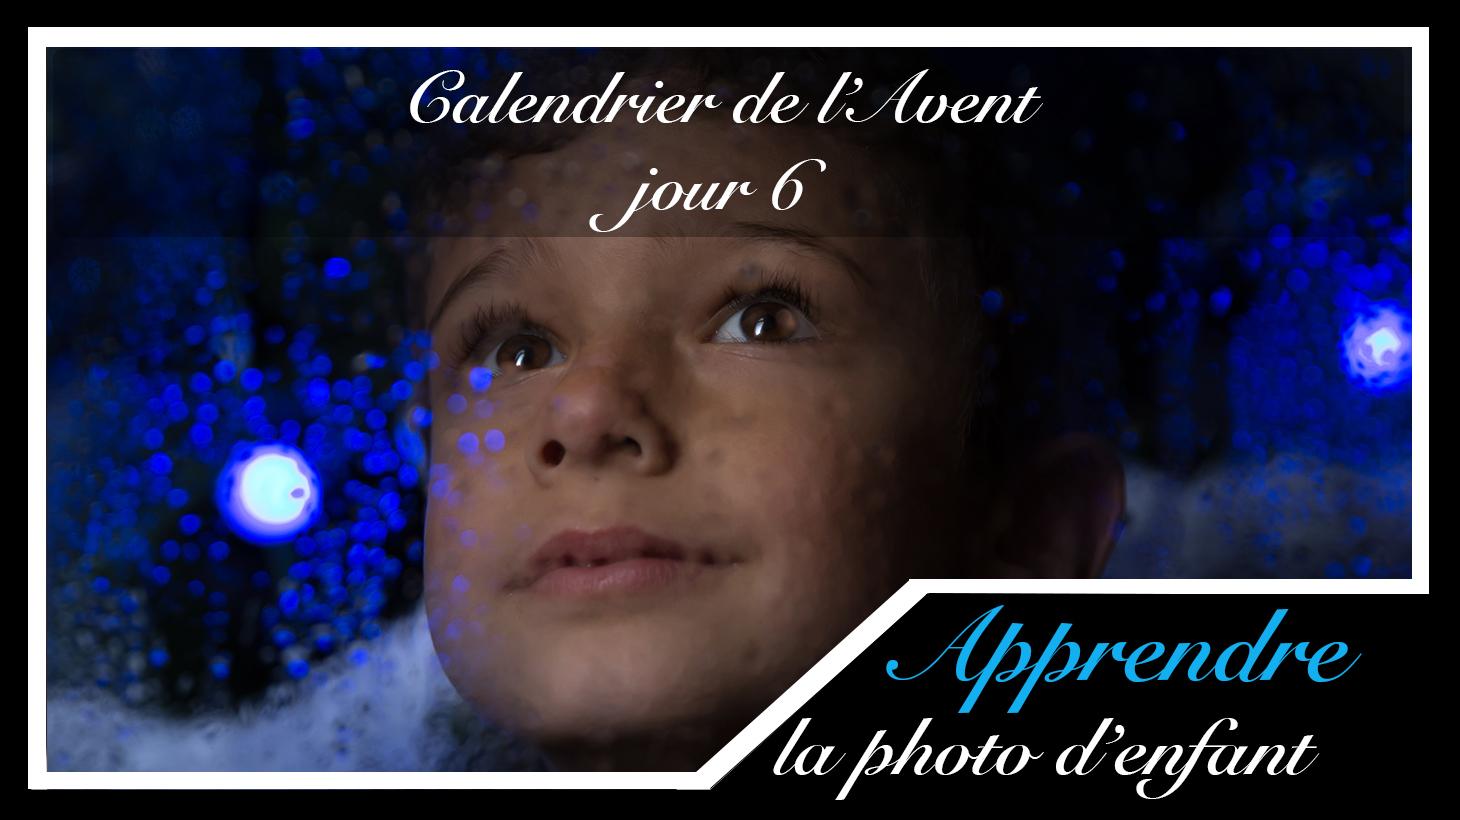 Jour 6 – Calendrier de l'Avent spécial Photo d'enfant